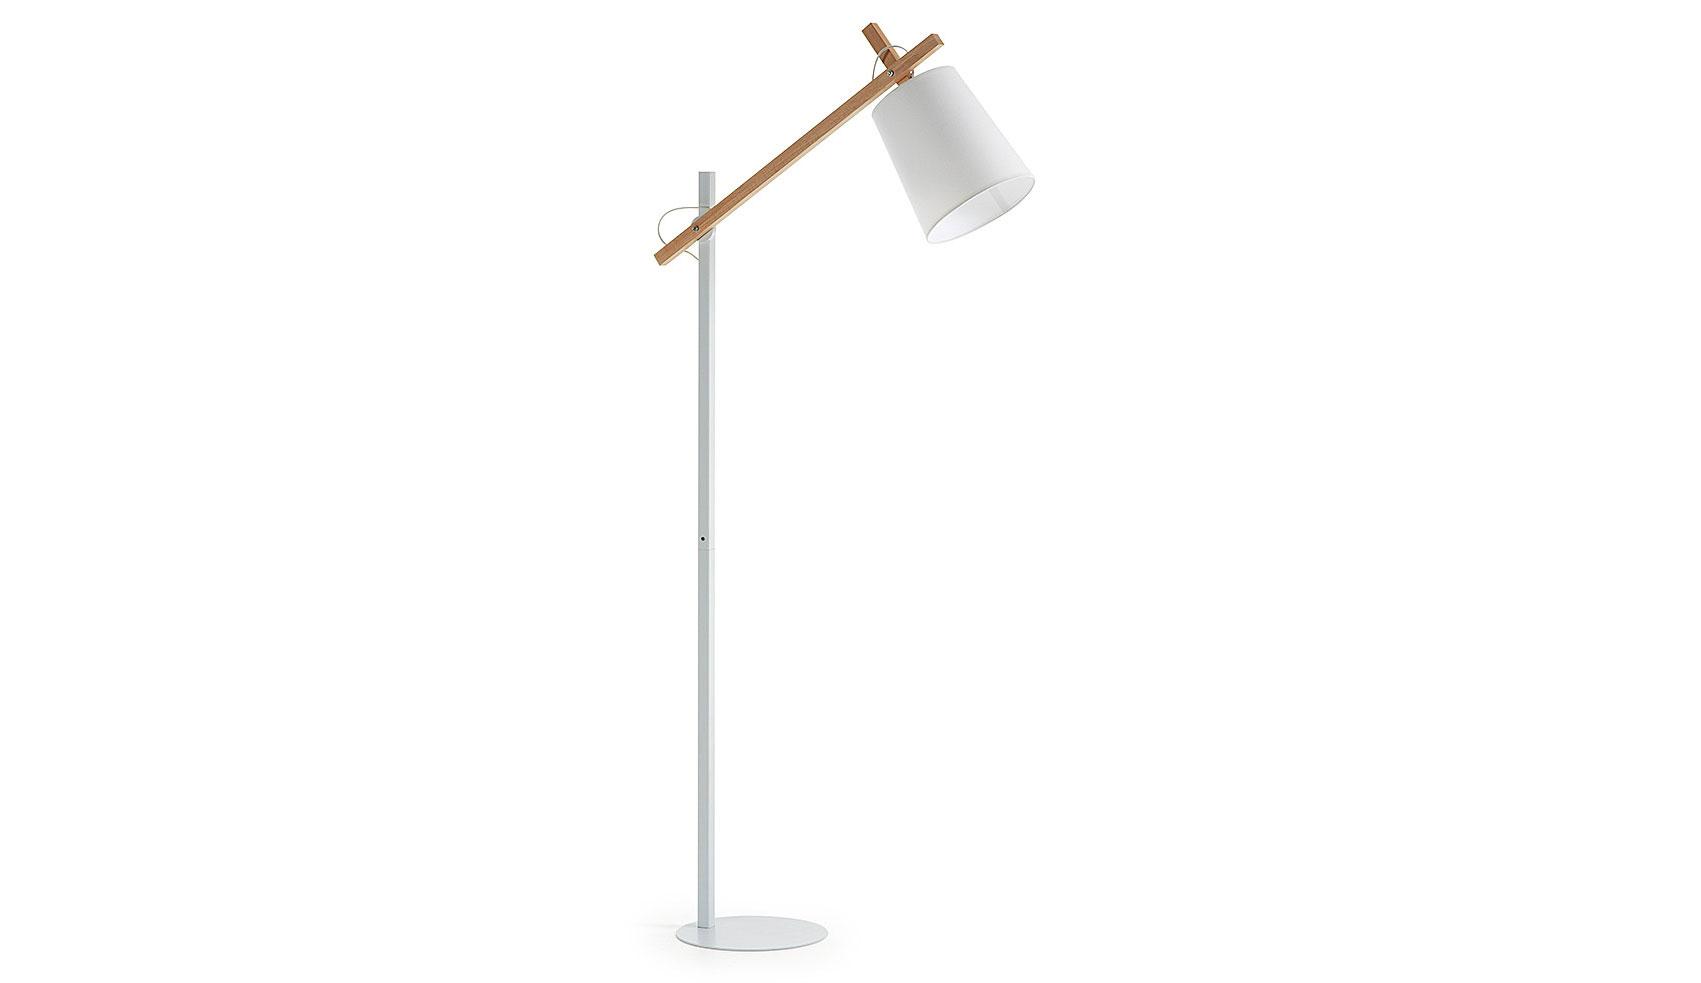 Lámpara de pie Kosta blanca y madera